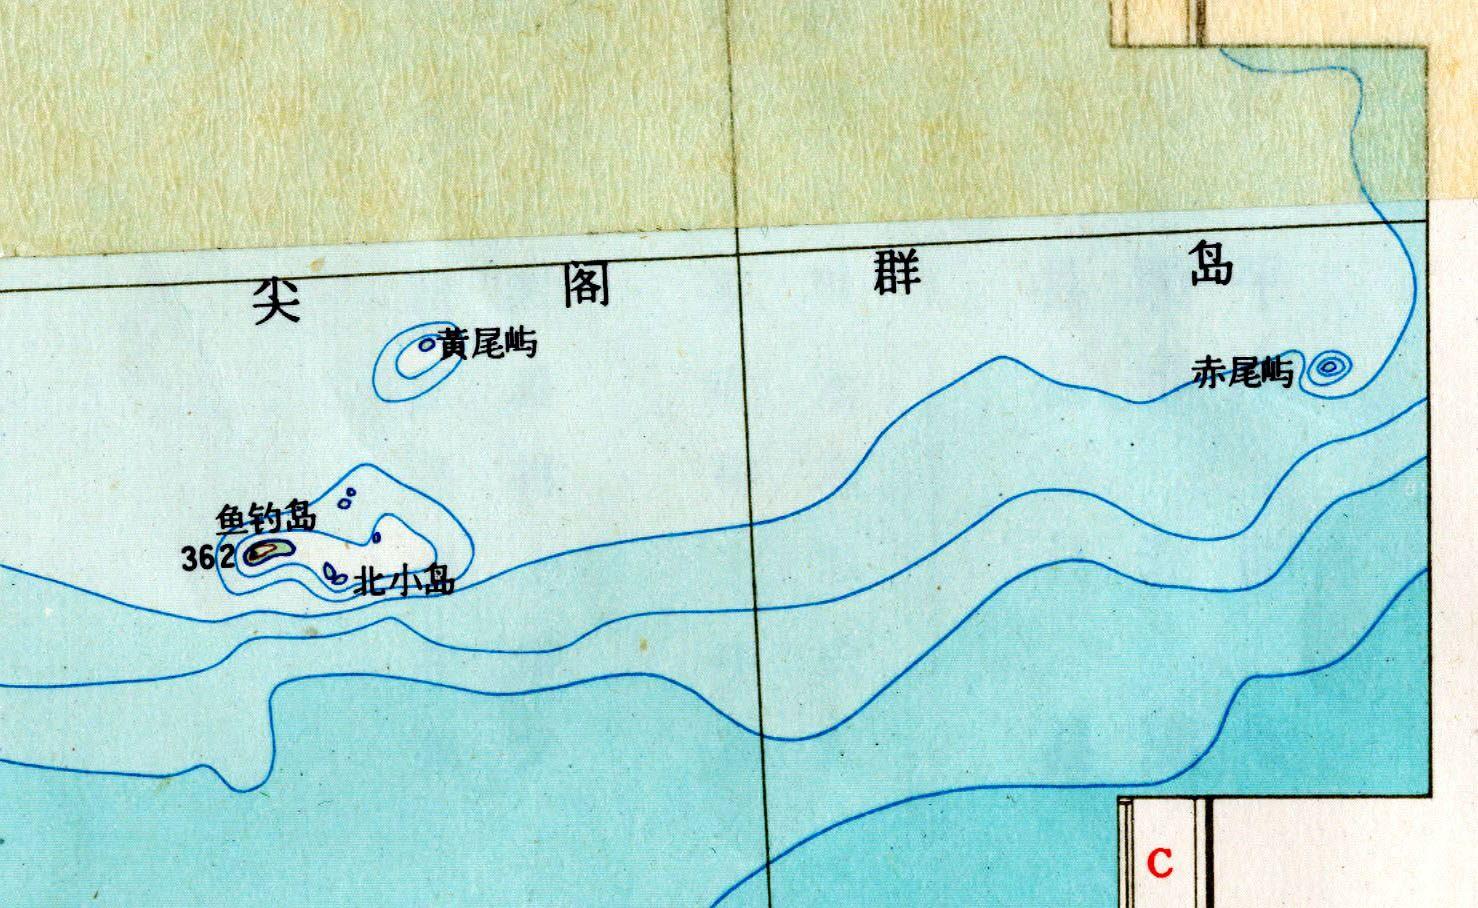 PRCmap-senkakuislands.jpg